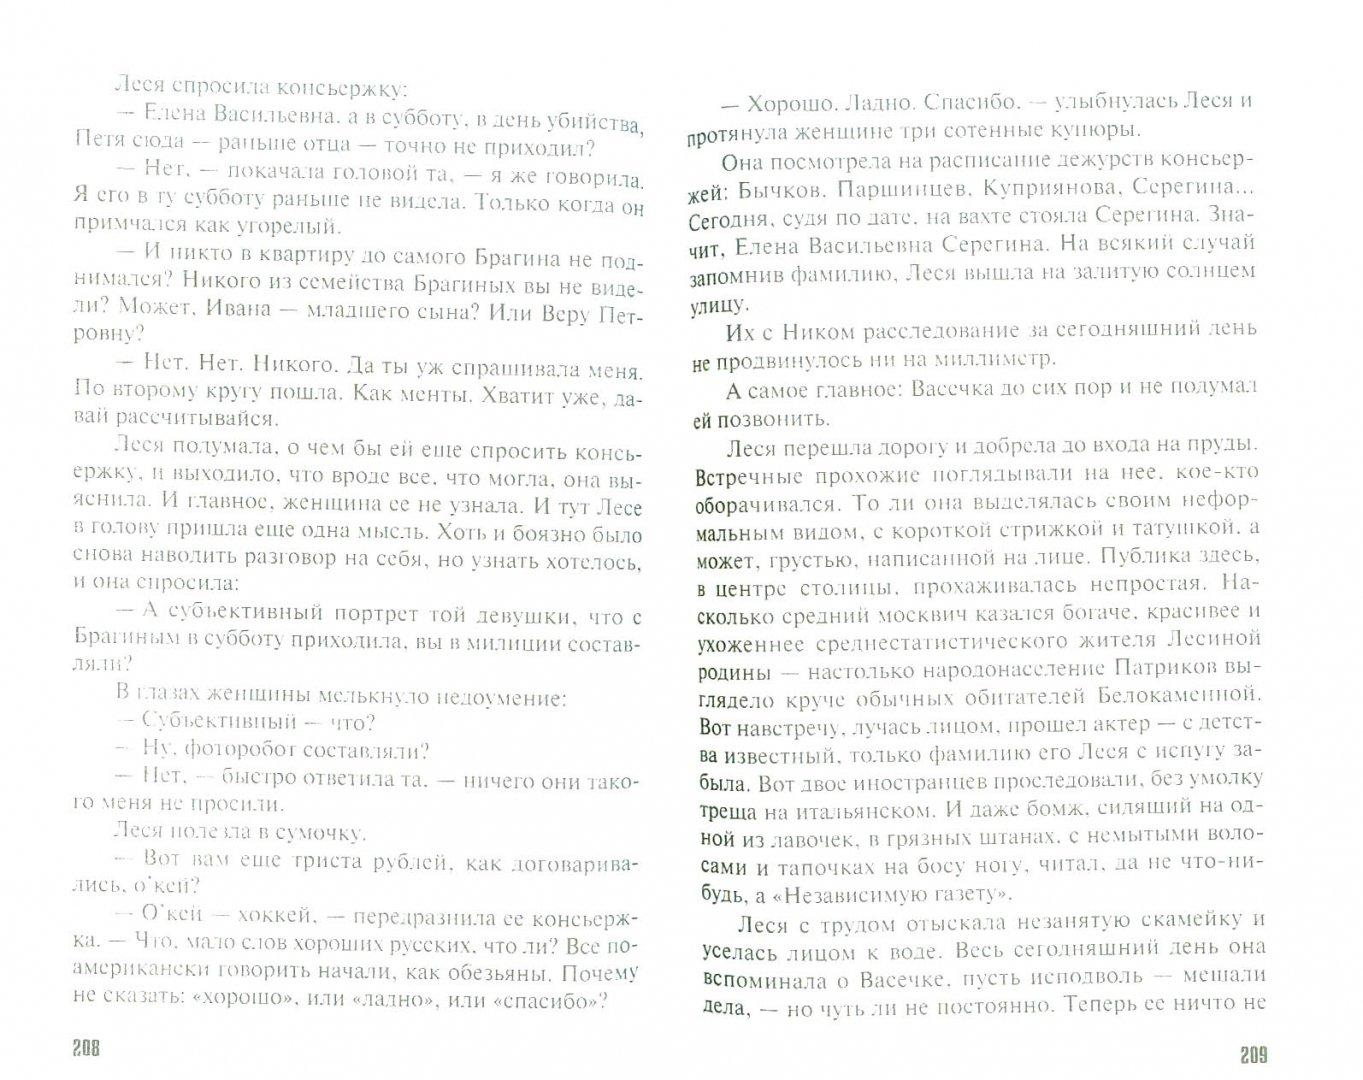 Иллюстрация 1 из 2 для Внебрачная дочь продюсера - Литвинова, Литвинов | Лабиринт - книги. Источник: Лабиринт